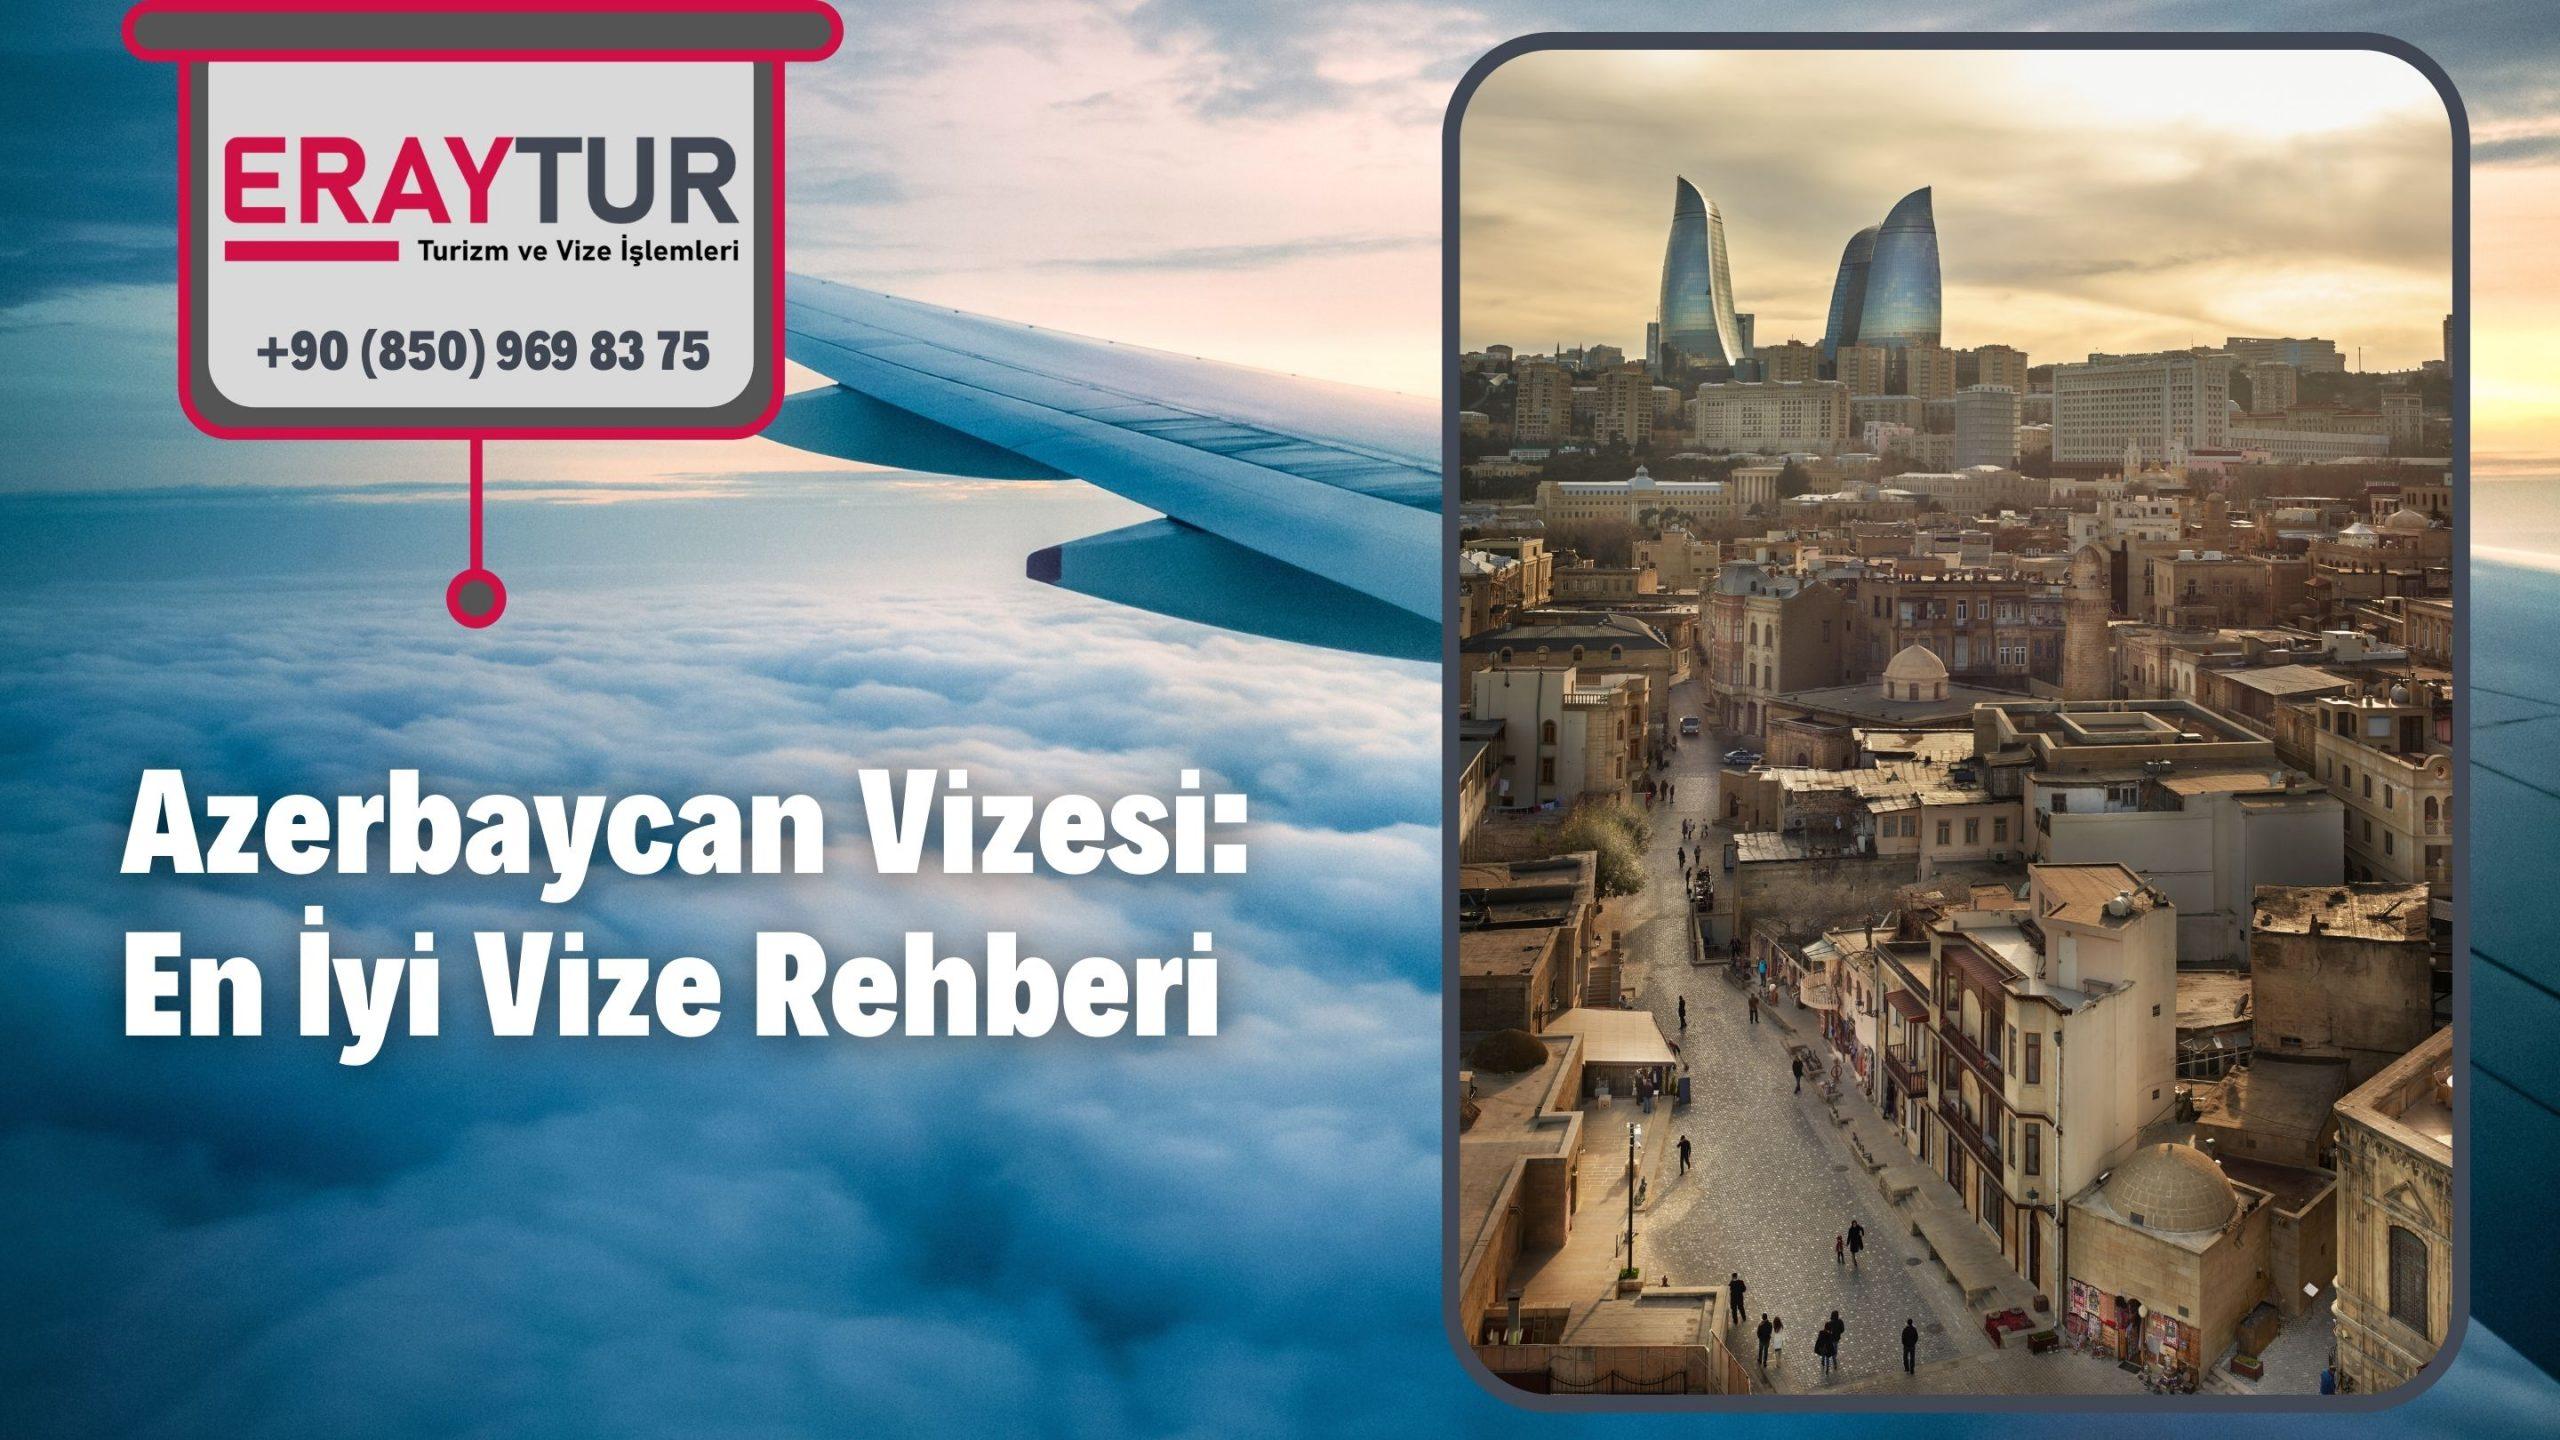 Azerbaycan Vizesi: En İyi Vize Rehberi